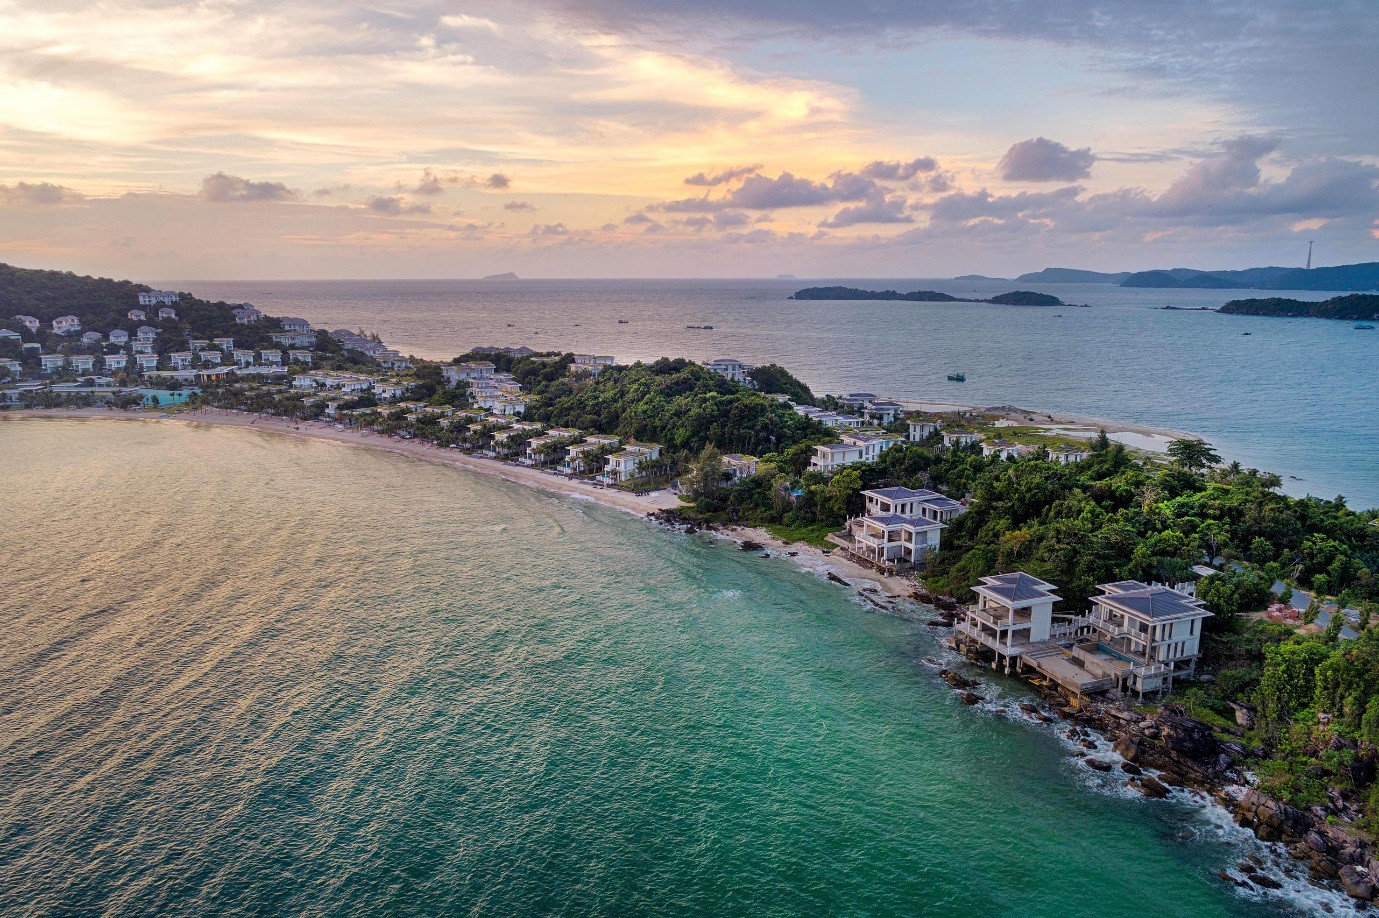 5 lý do Khiến Premier Village Phu Quoc Resort được mệnh danh là địa đàng nhân gian - Ảnh 3.